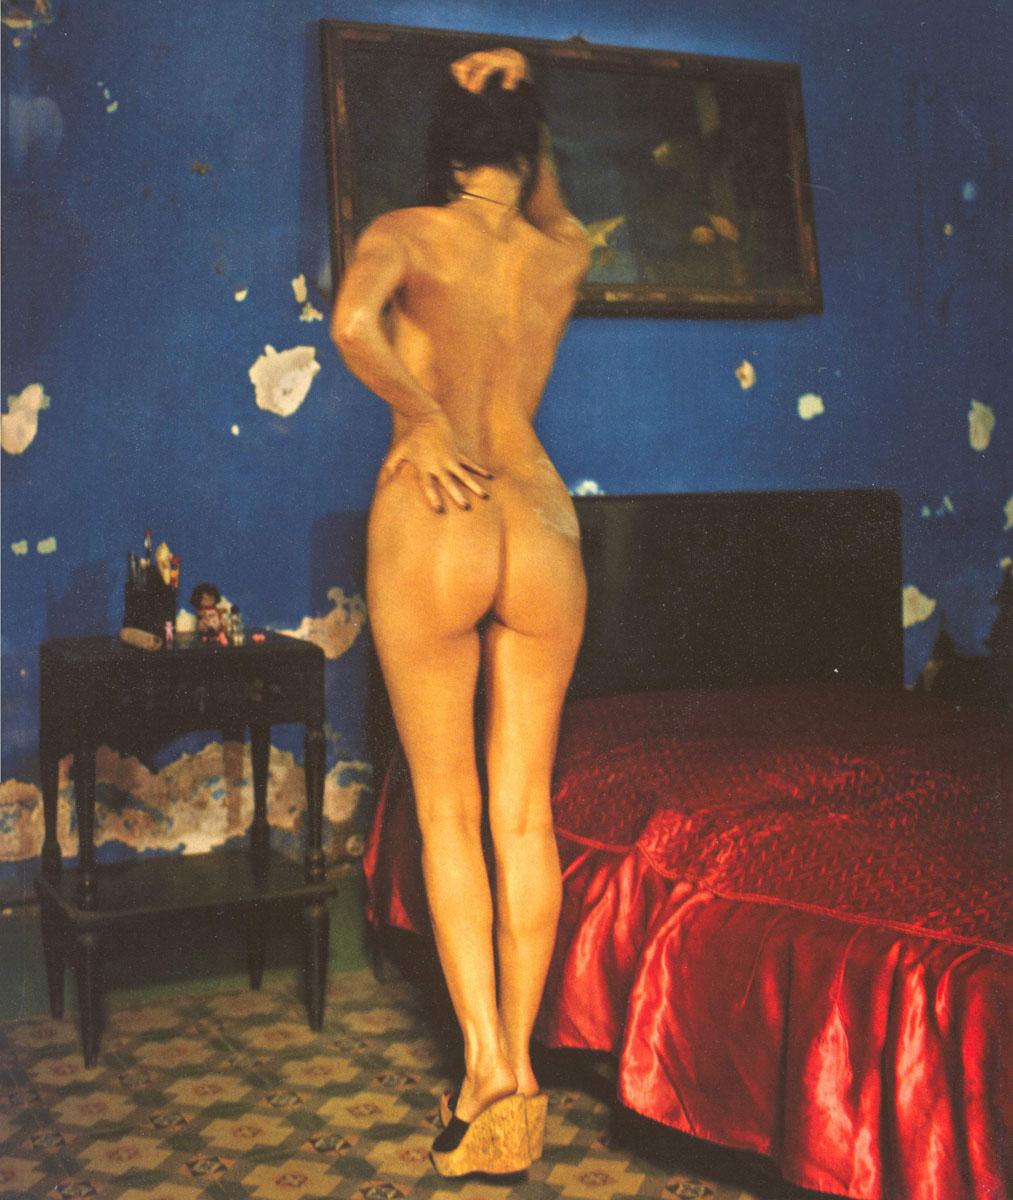 smotret-naturalnie-semki-emmanuel-erotika